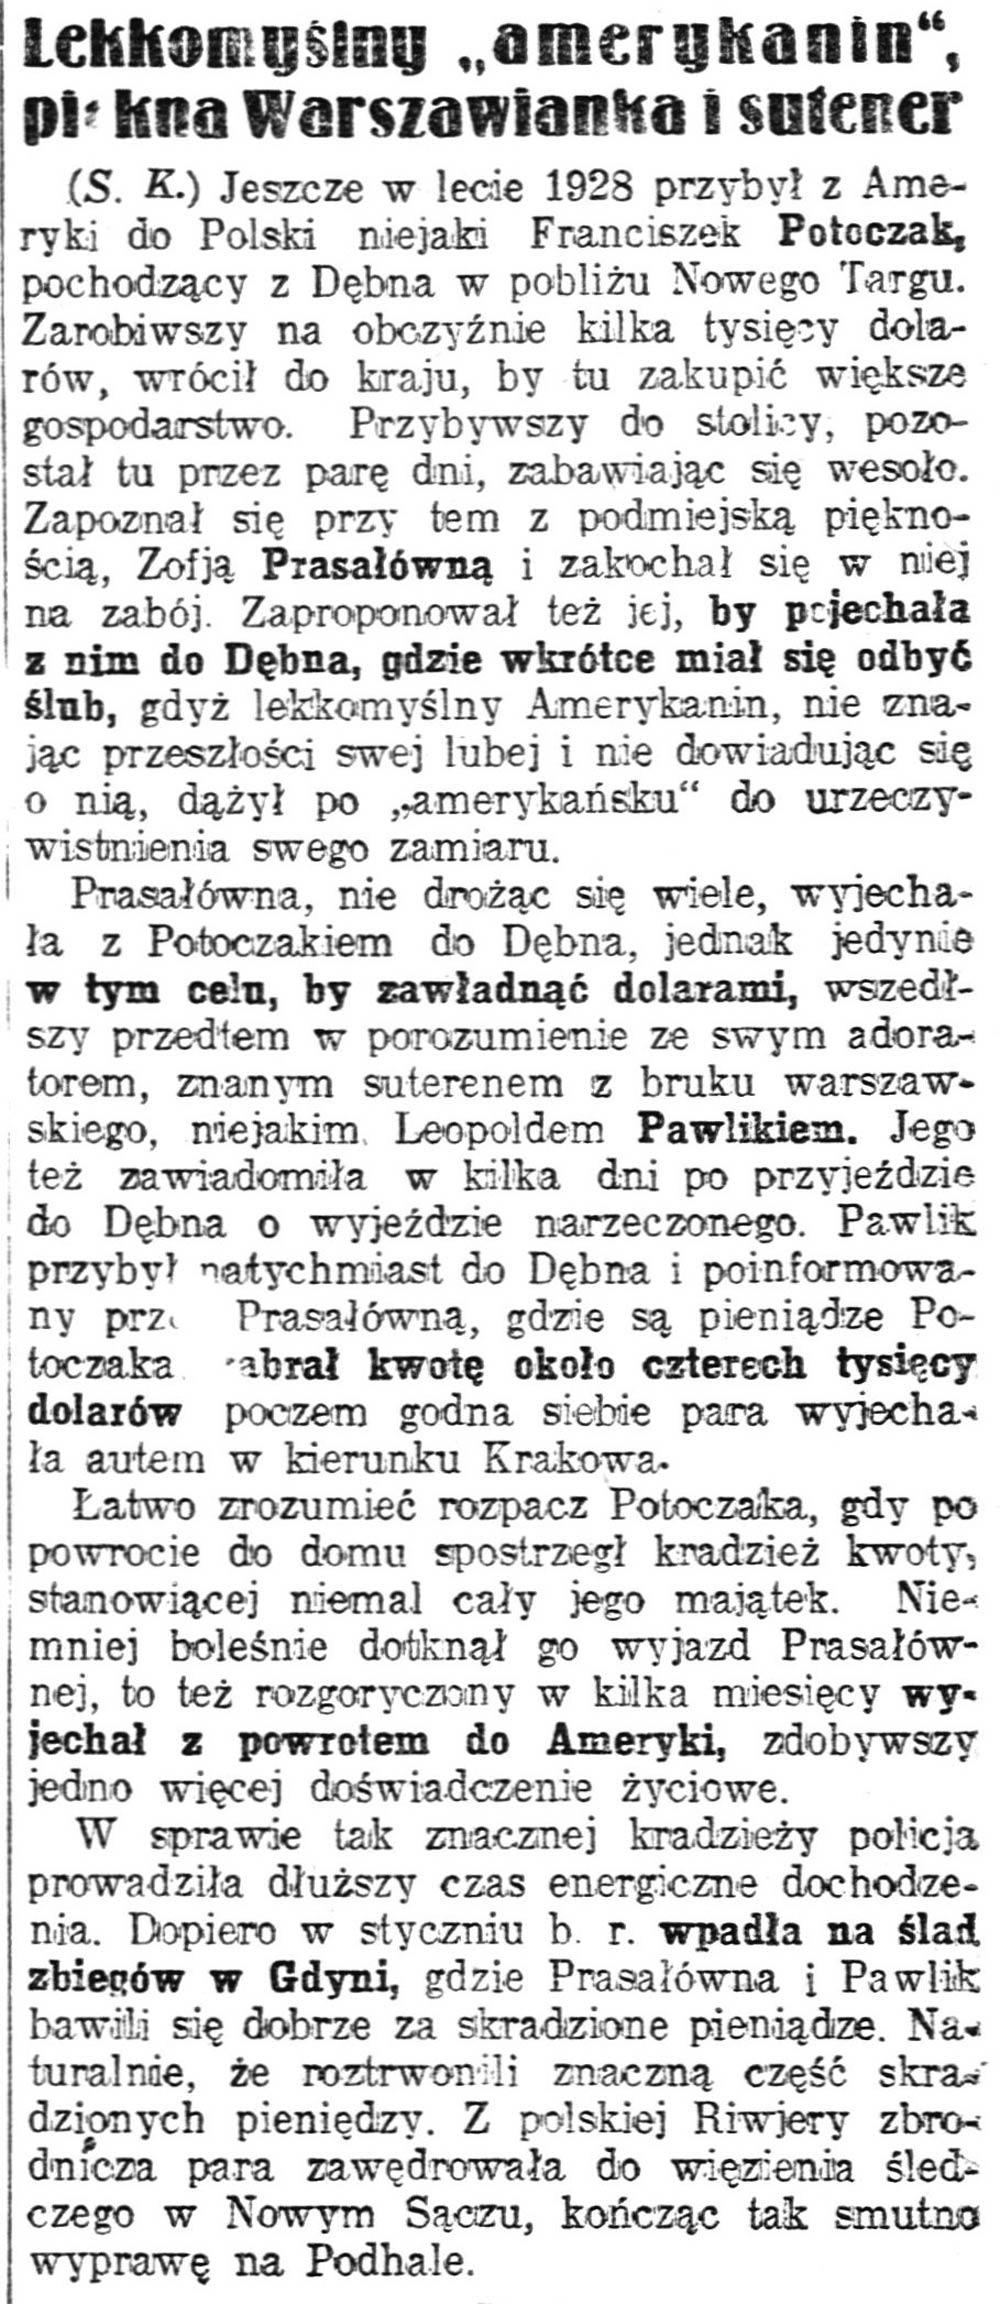 """Lekkomyślny """"amerykanin"""", piękna Warszawianka i sutener / IIlustrowany Kuryer Codzienny 1929 nr 56"""